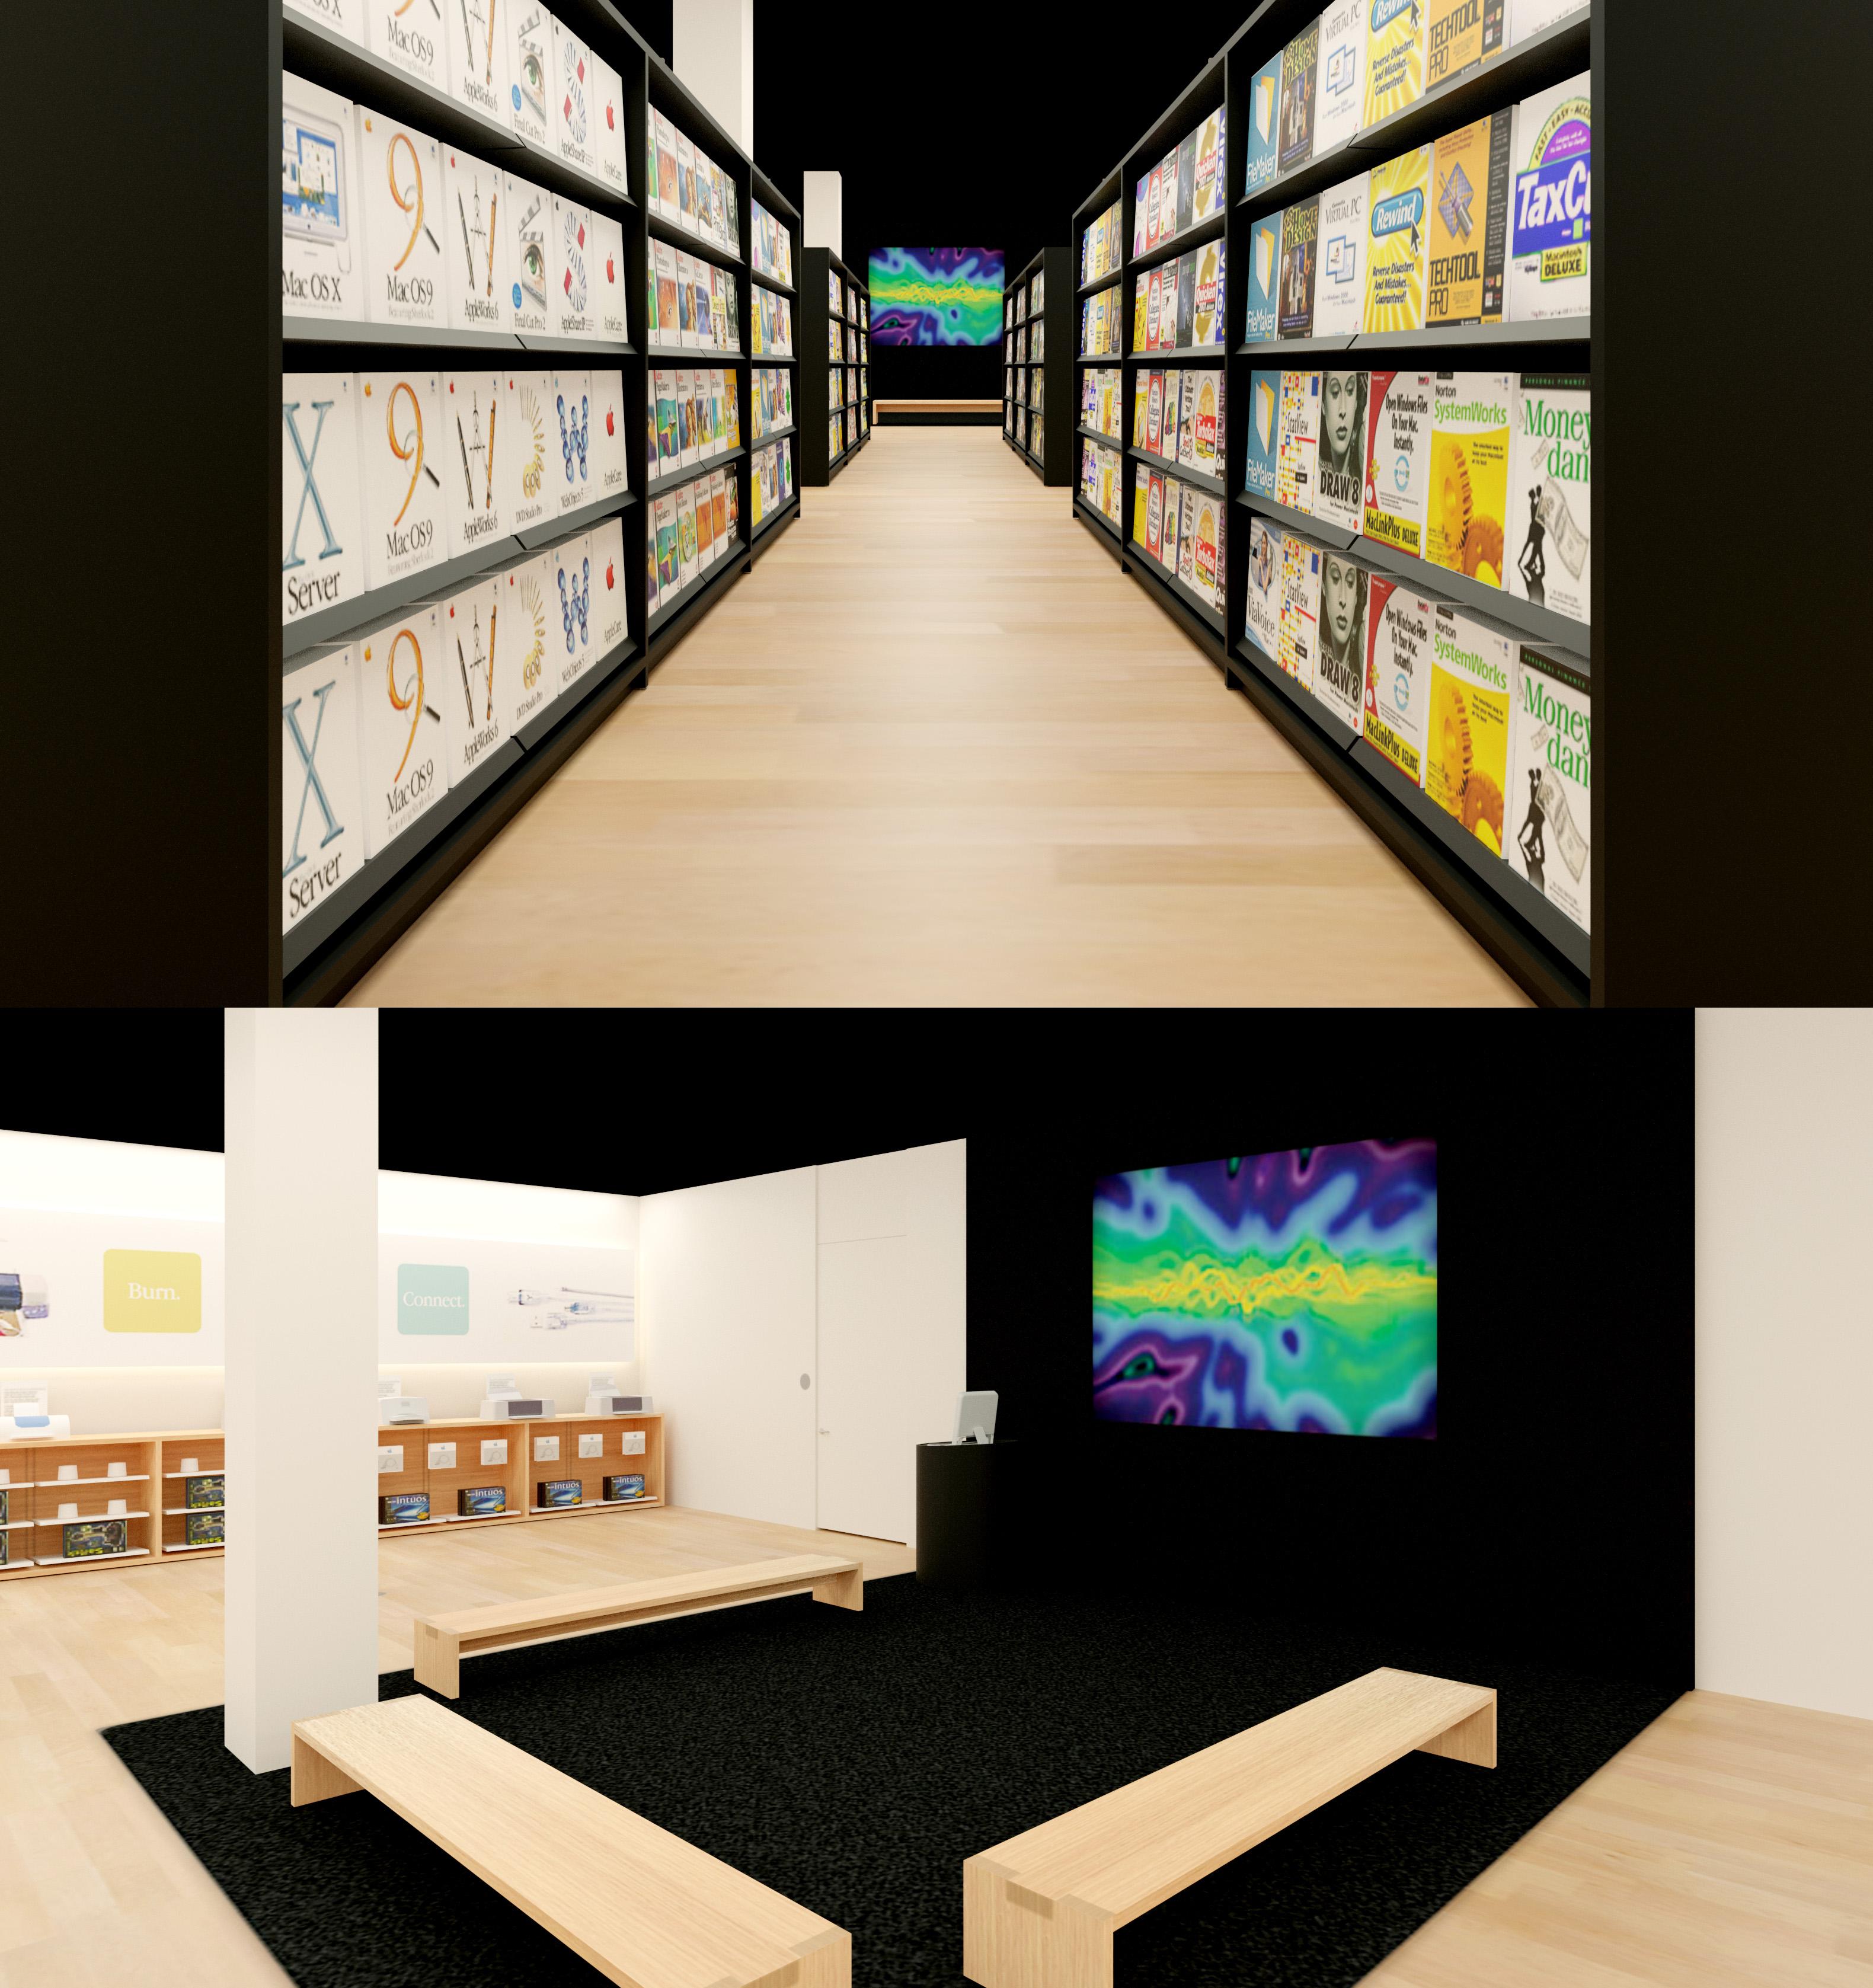 Les sections Logiciel et Théâtre du premier Apple Store au monde.